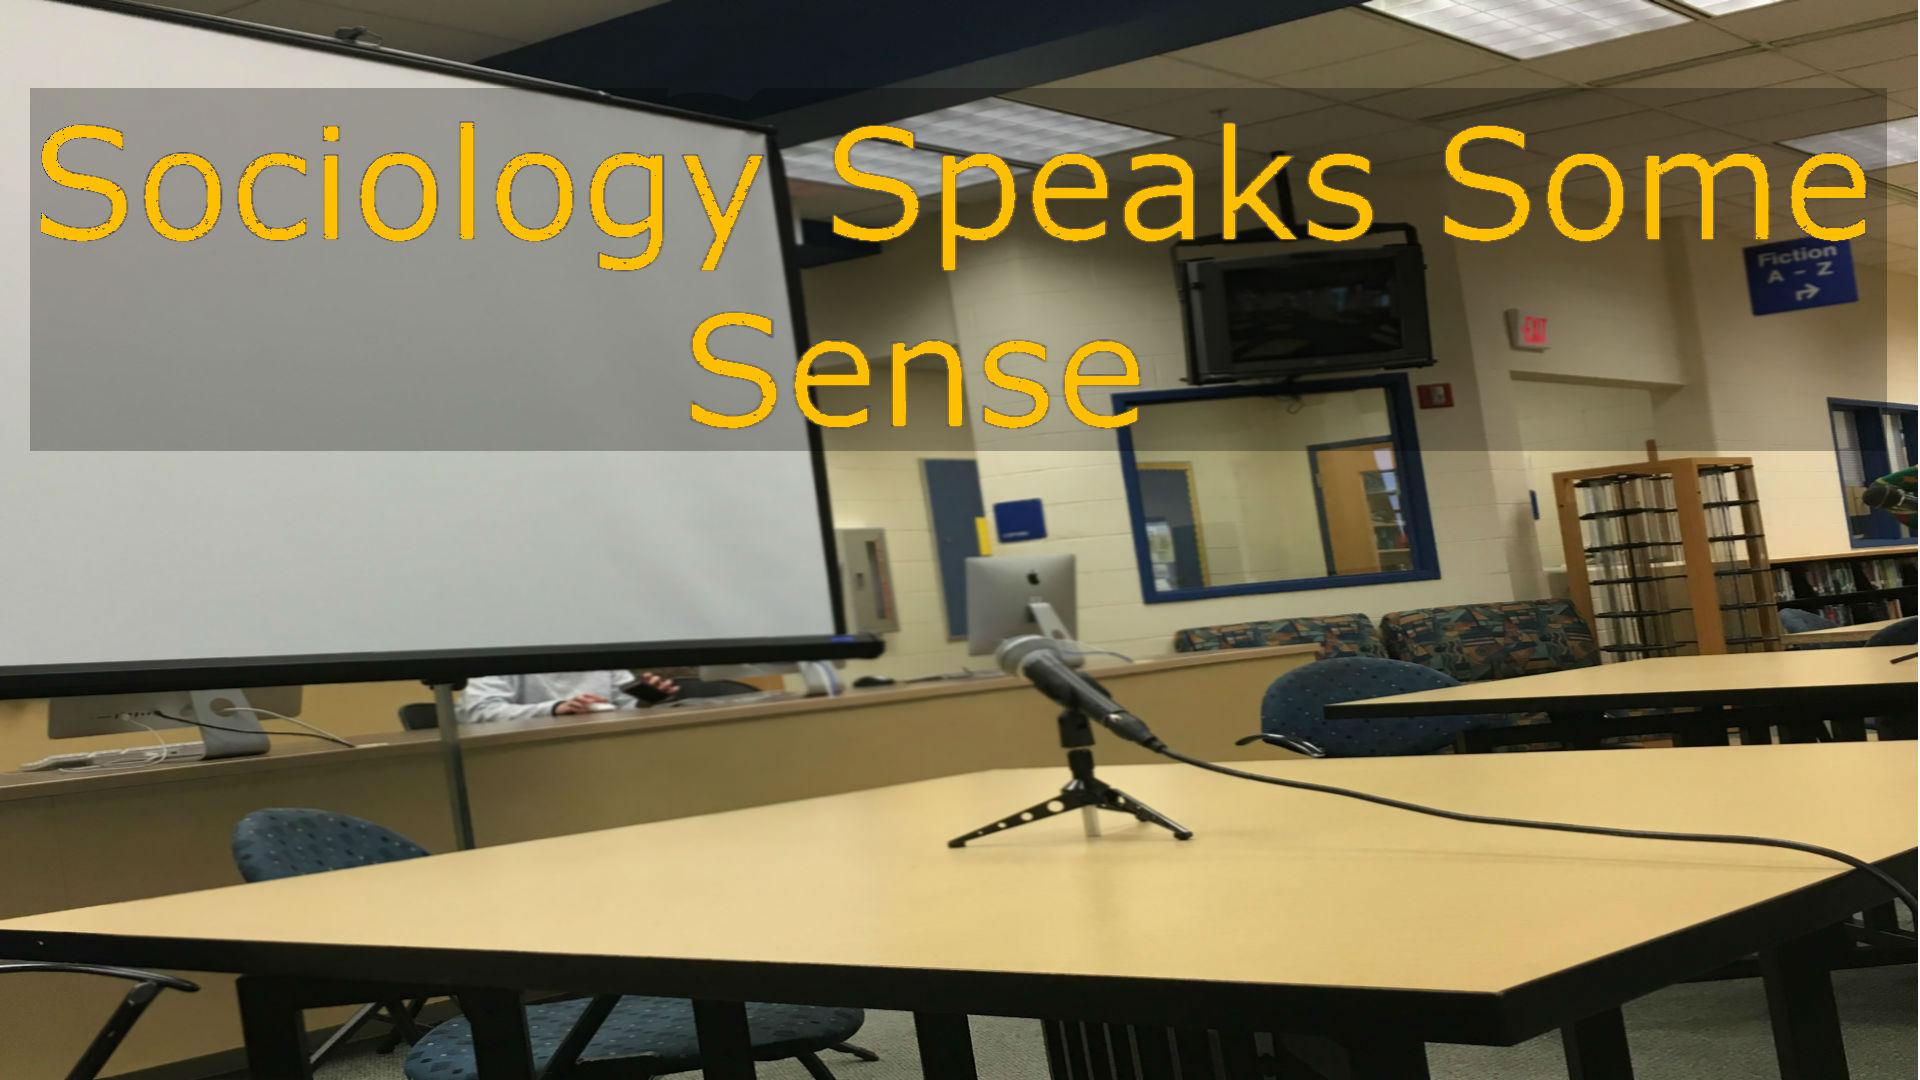 Sociology Speaks Some Sense!